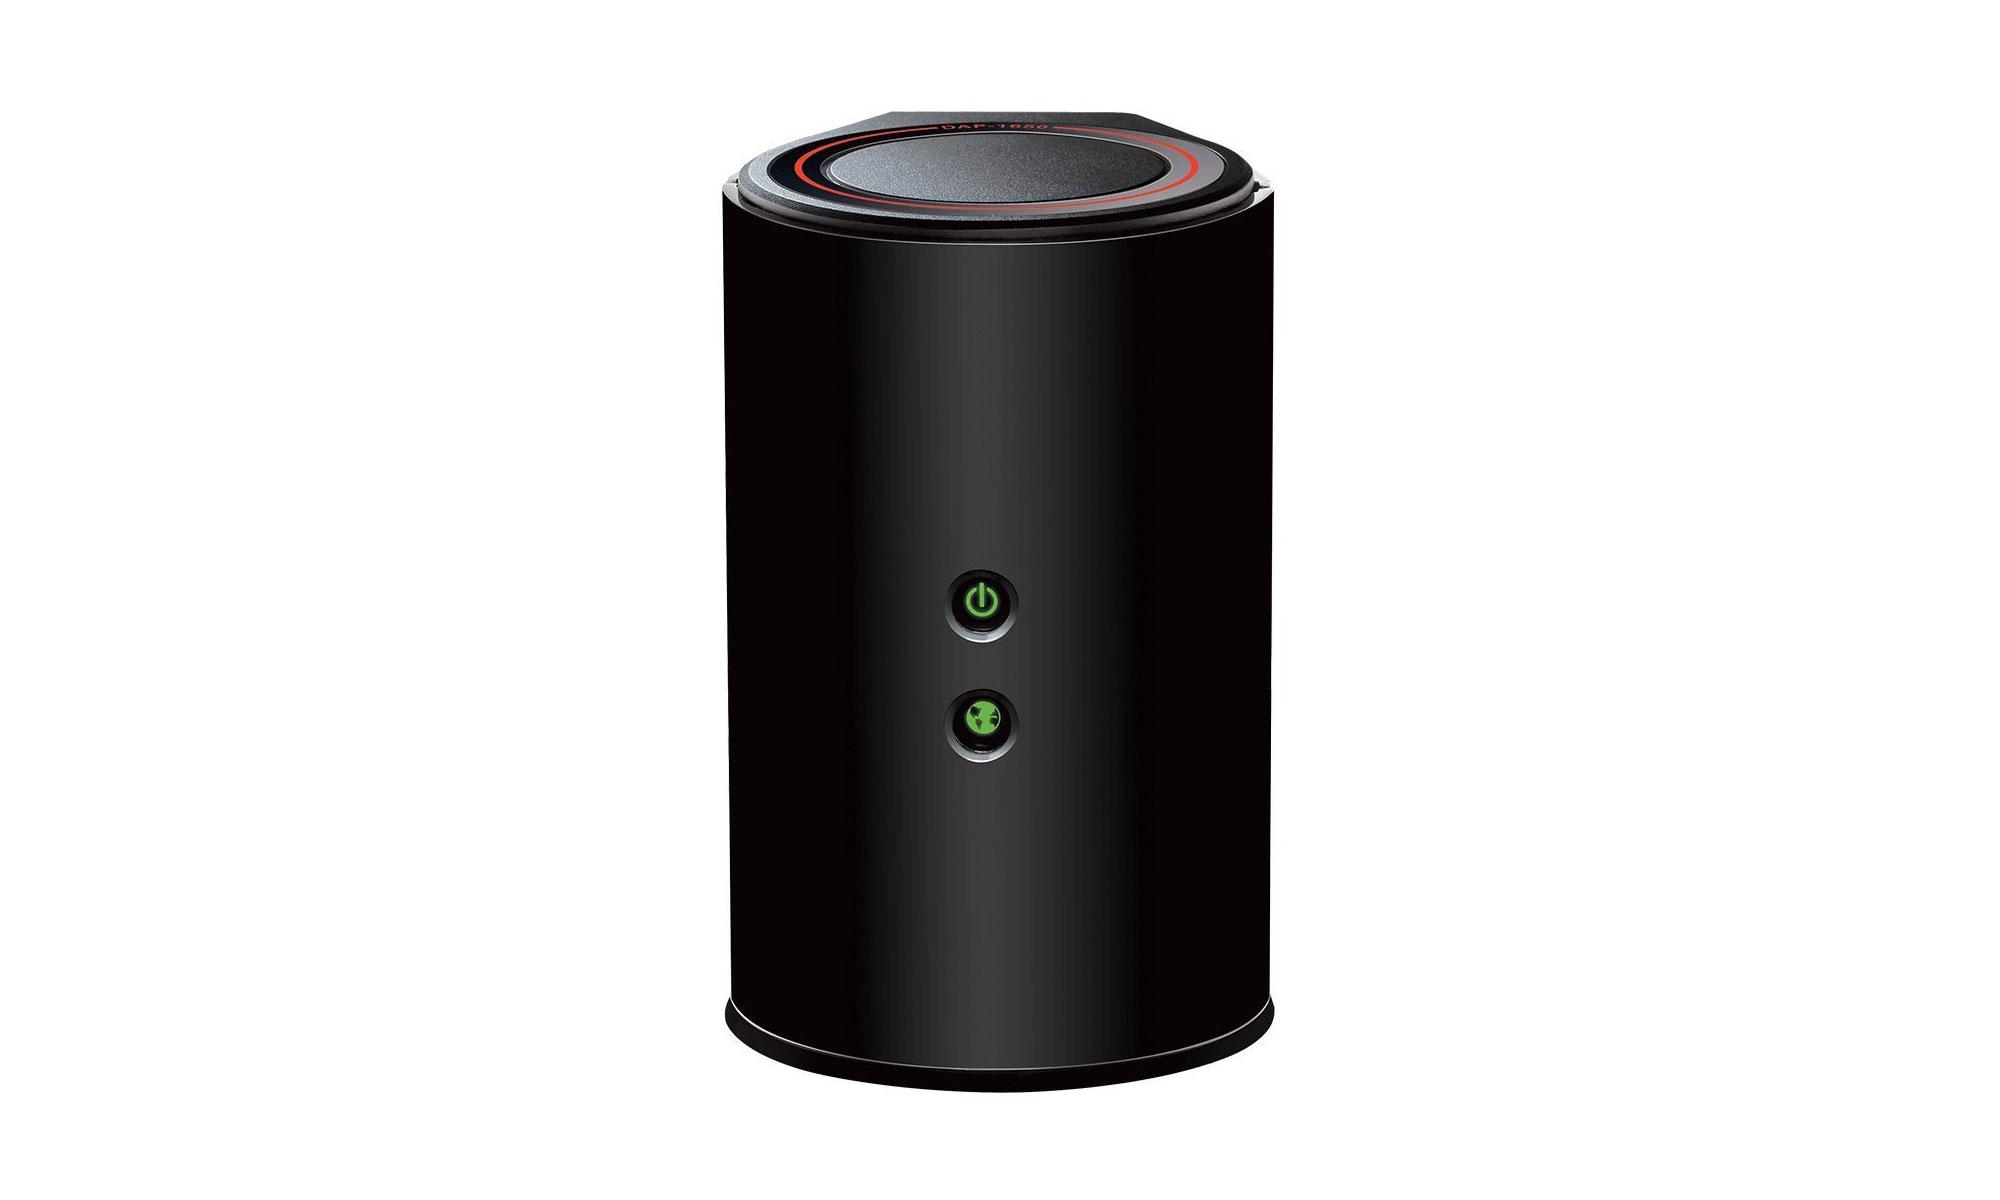 The Wirecutter's best deals: $100 off Bowers & Wilkins' Zeppelin speaker